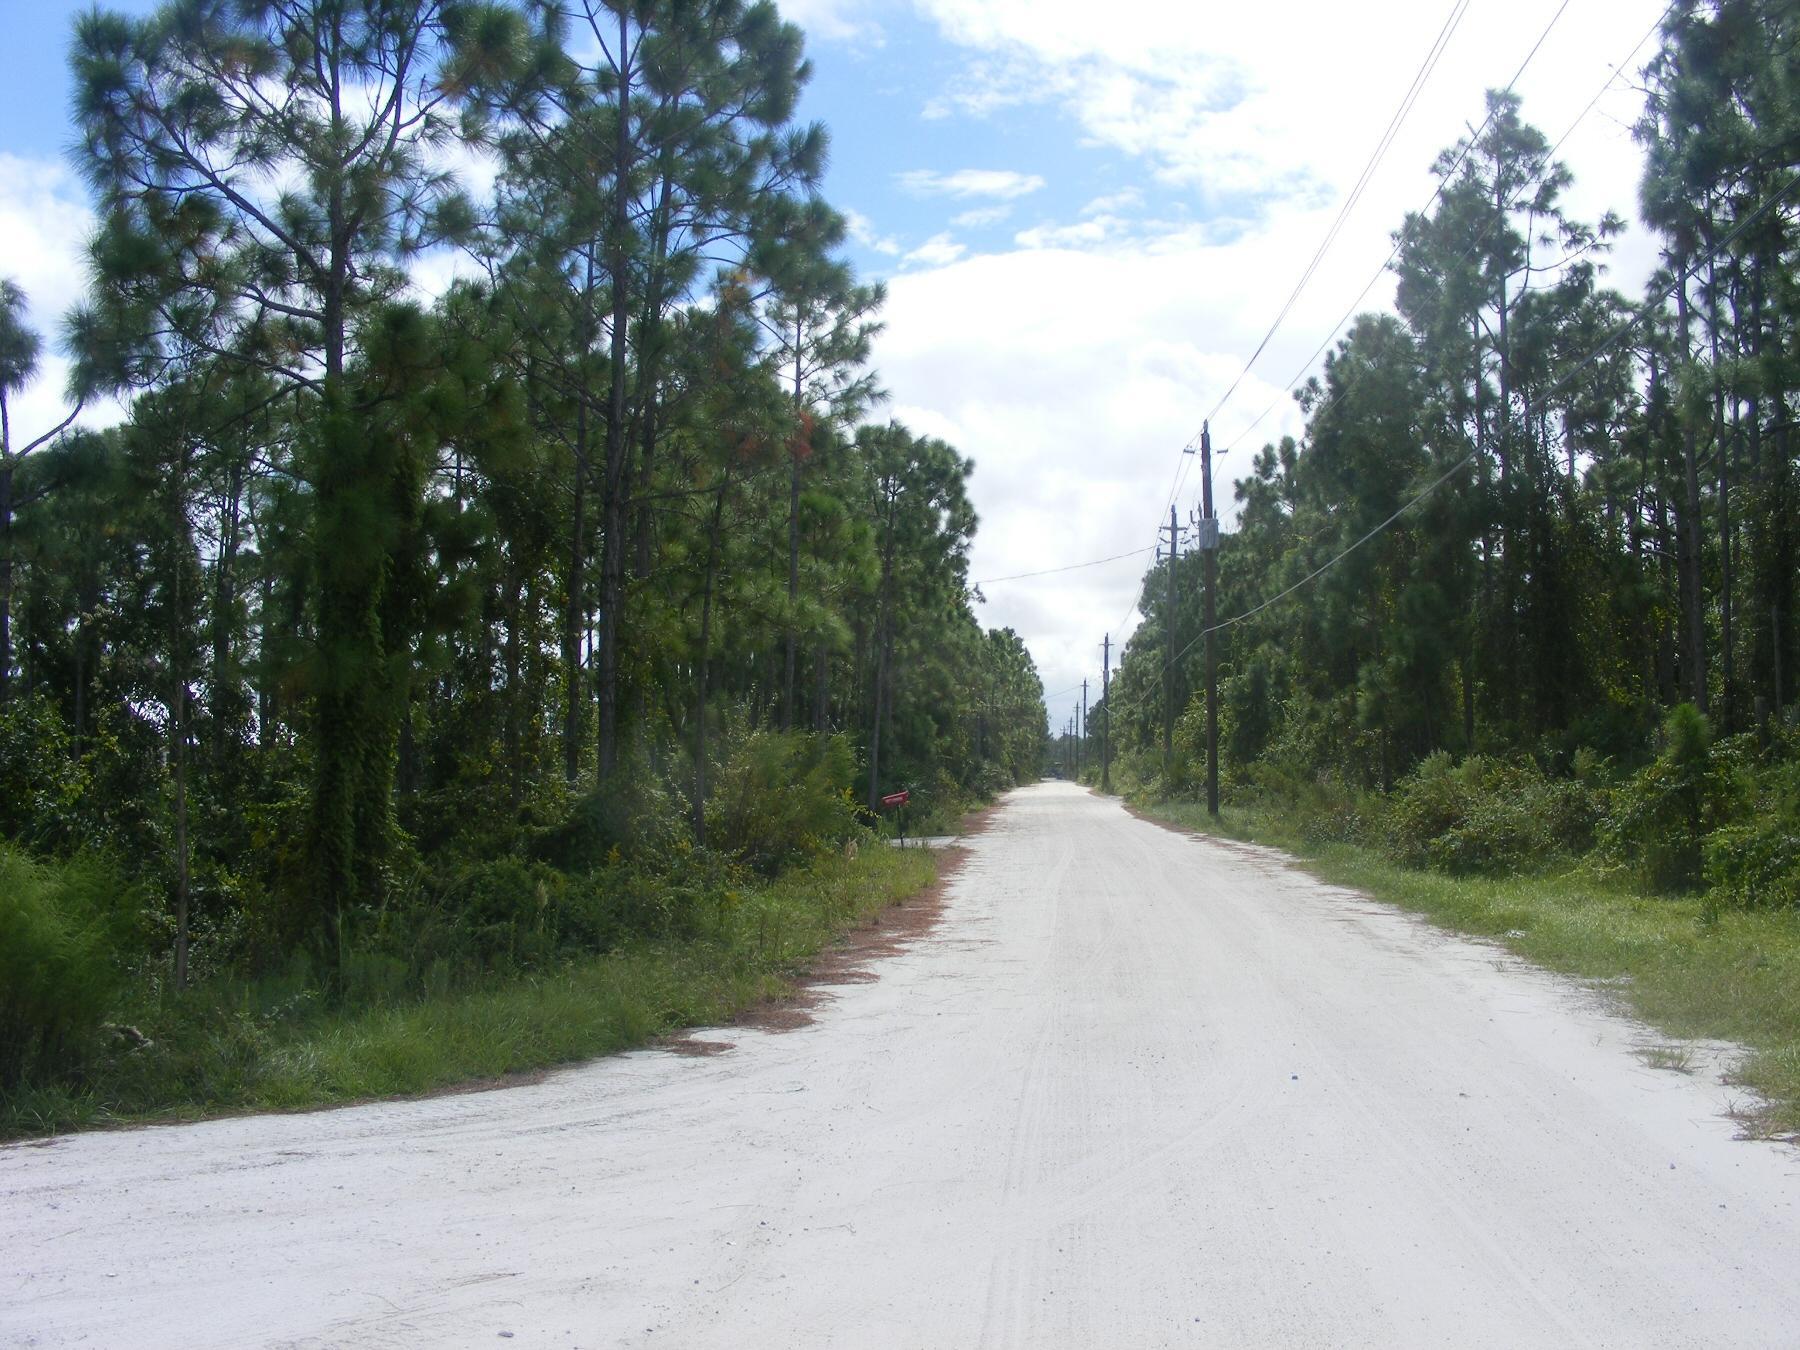 Tree Top Trail Street View